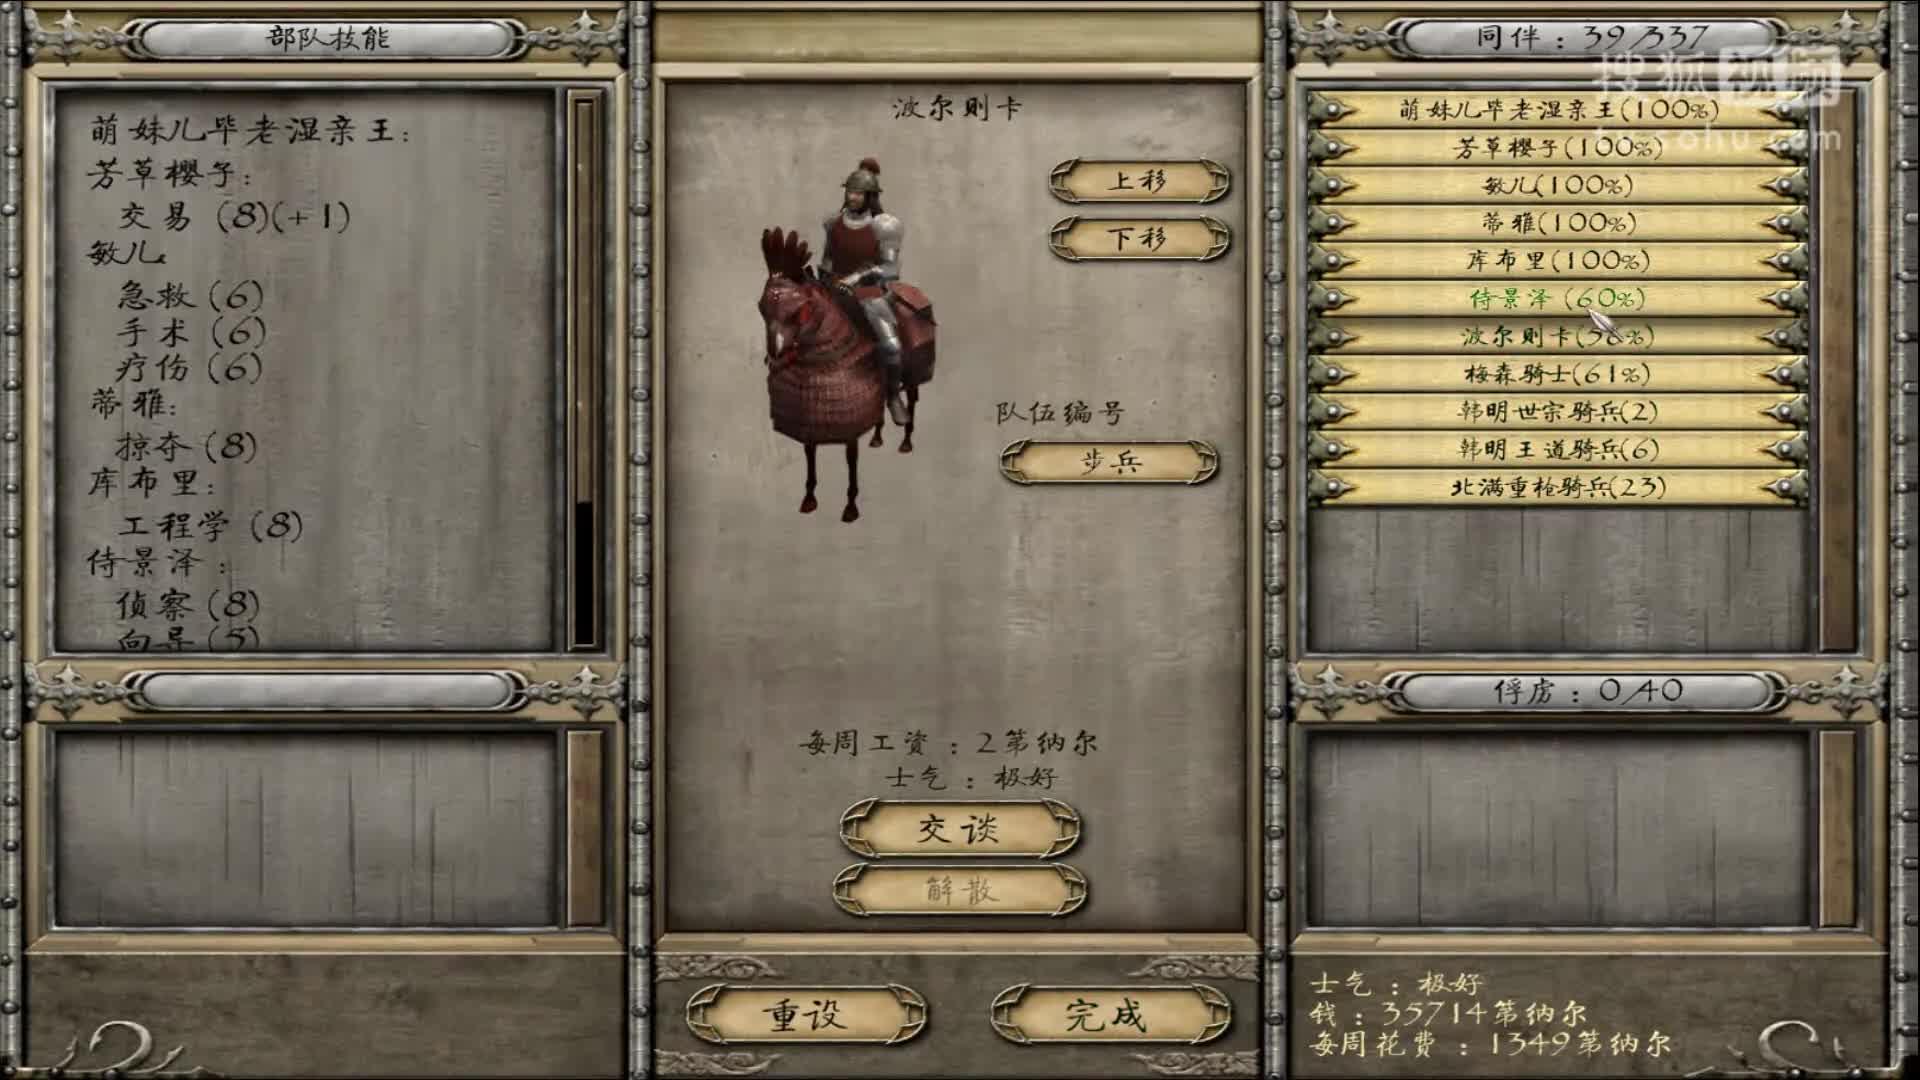 【毕老湿】骑马与砍杀第三季 中华乱世76 训练村民